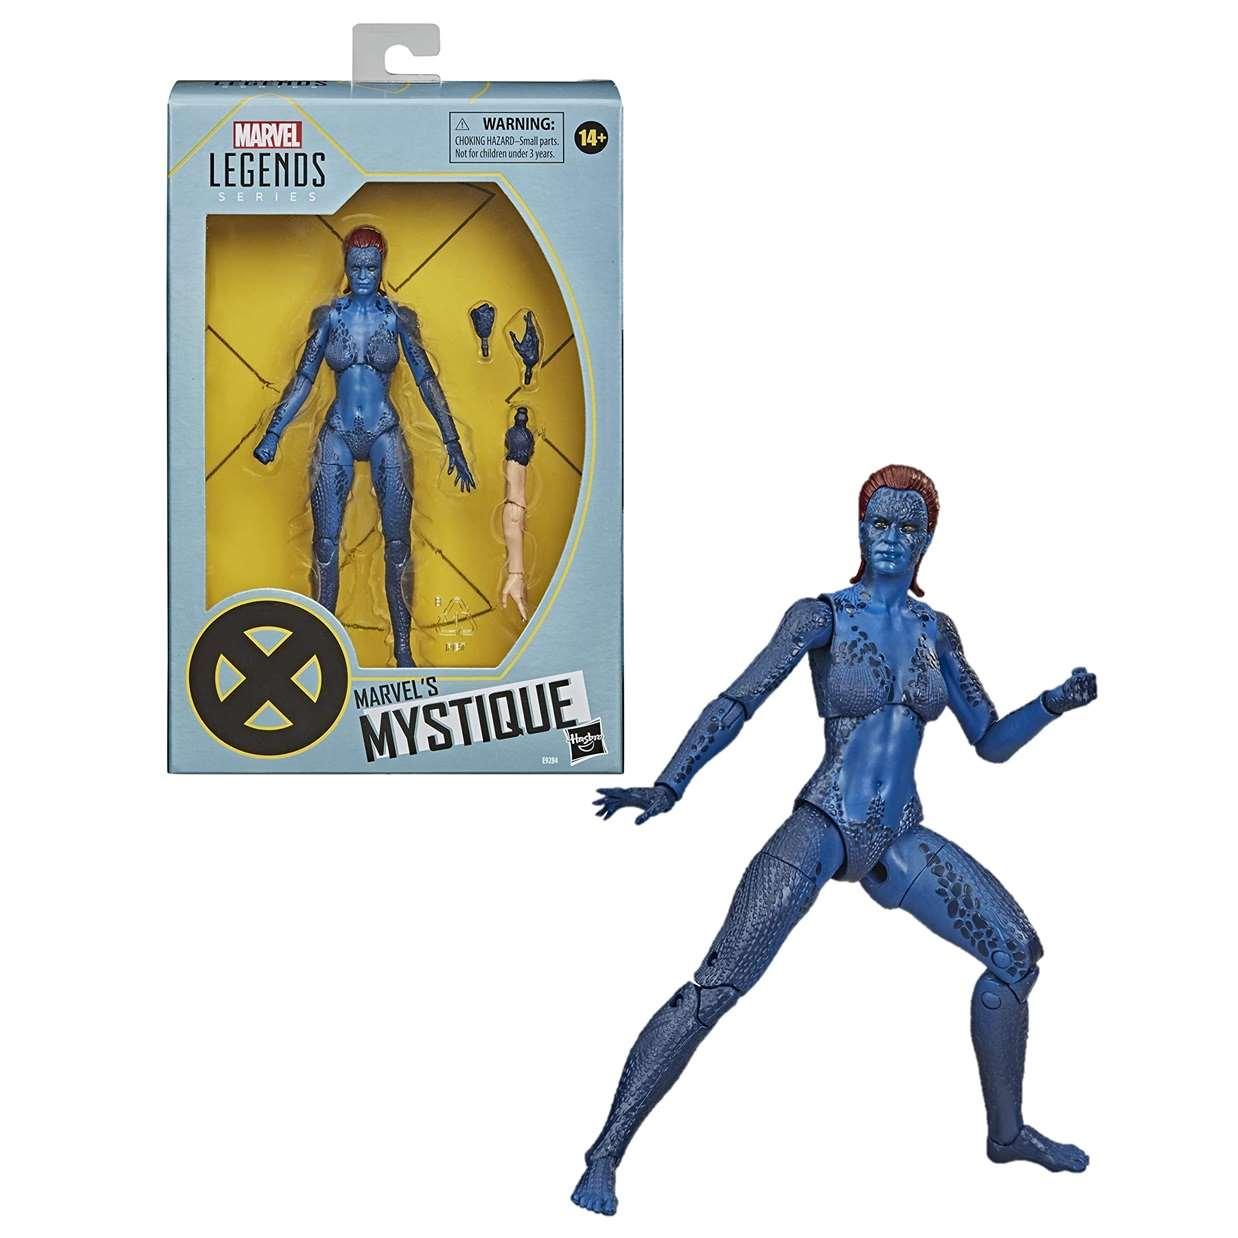 Mystique Figura Marvel X Men Legends Series 6 Pulgadas